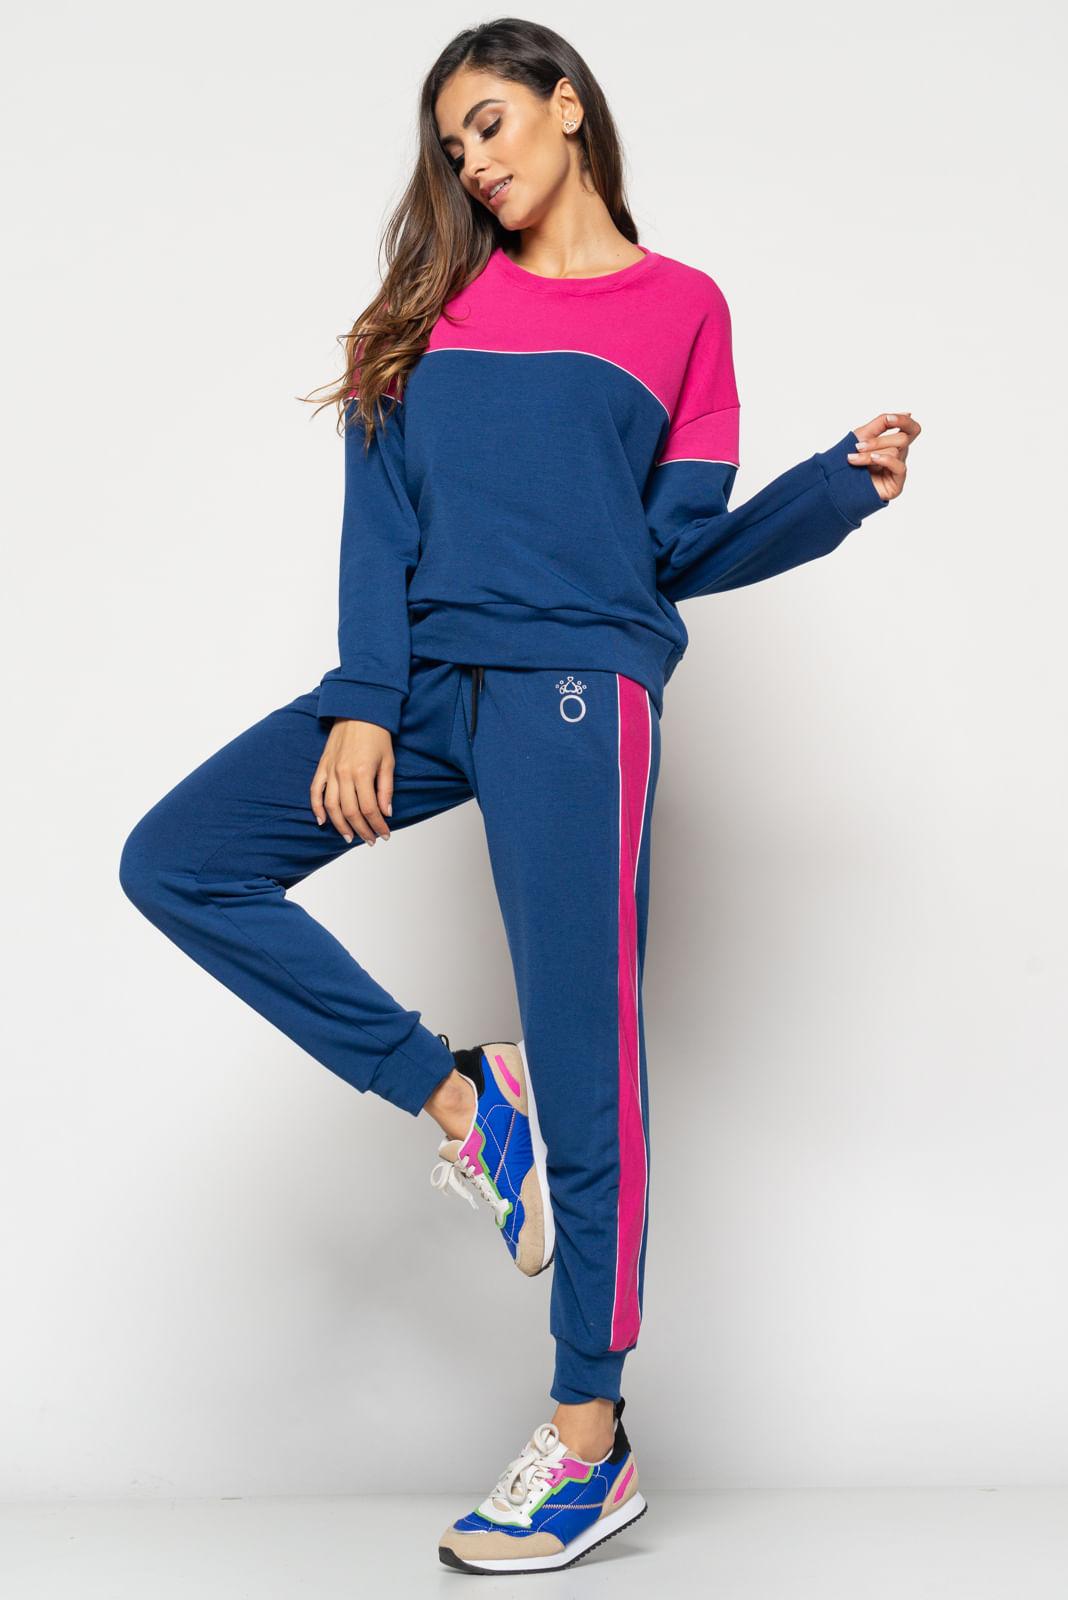 Conjunto  Comfy Com Casaco 2 Cores Gola Redonda e Jogger Moletinho Rosa e Azul